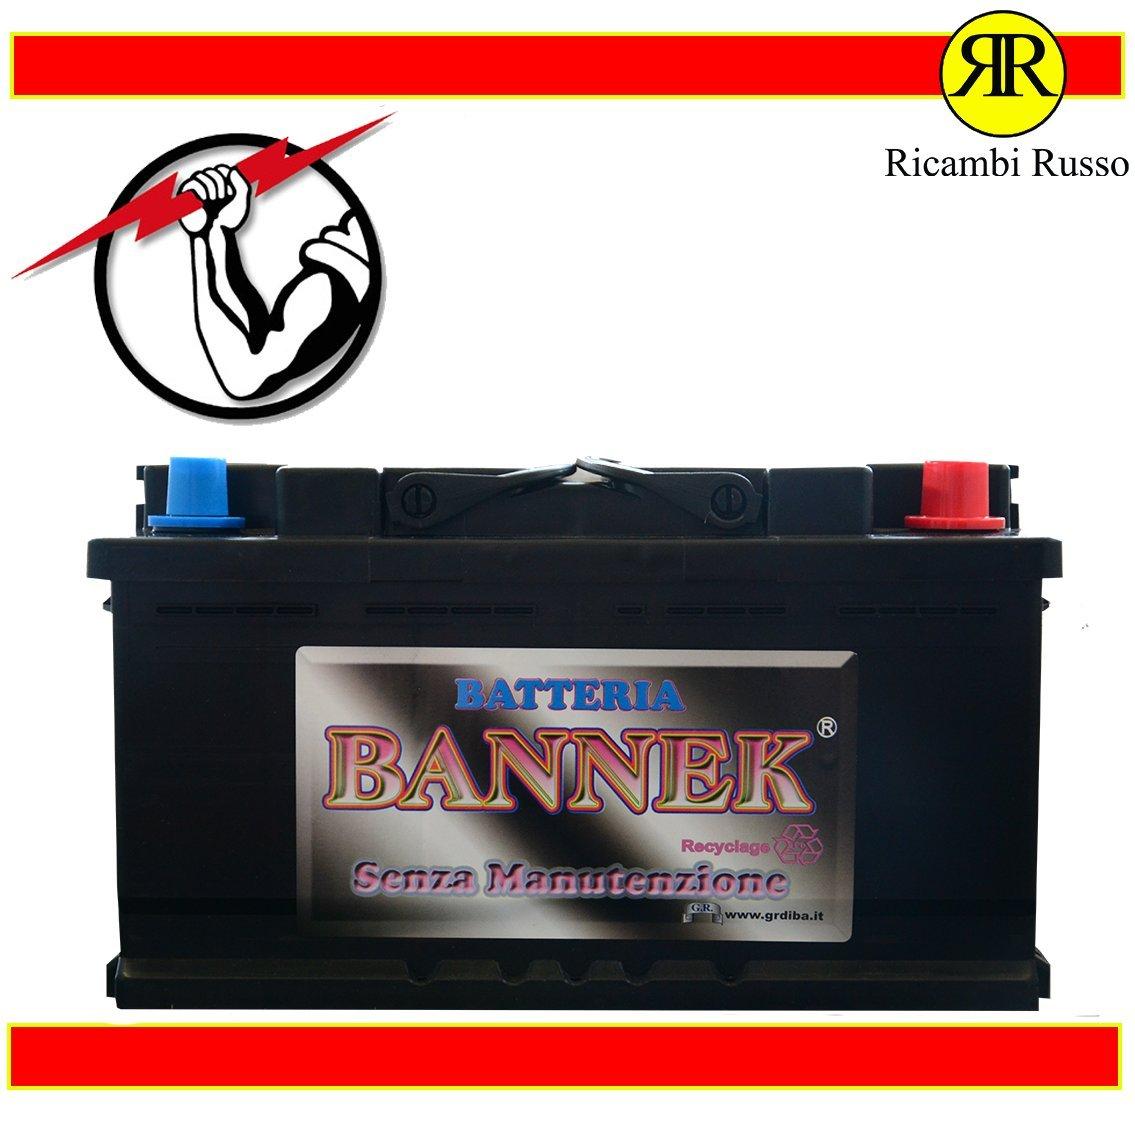 BATTERIA BANNEK 100AH CORTA 780A 12V 600500 = (BOSCH 100AH 720A 0092T30320) + DX Ricambi Russo